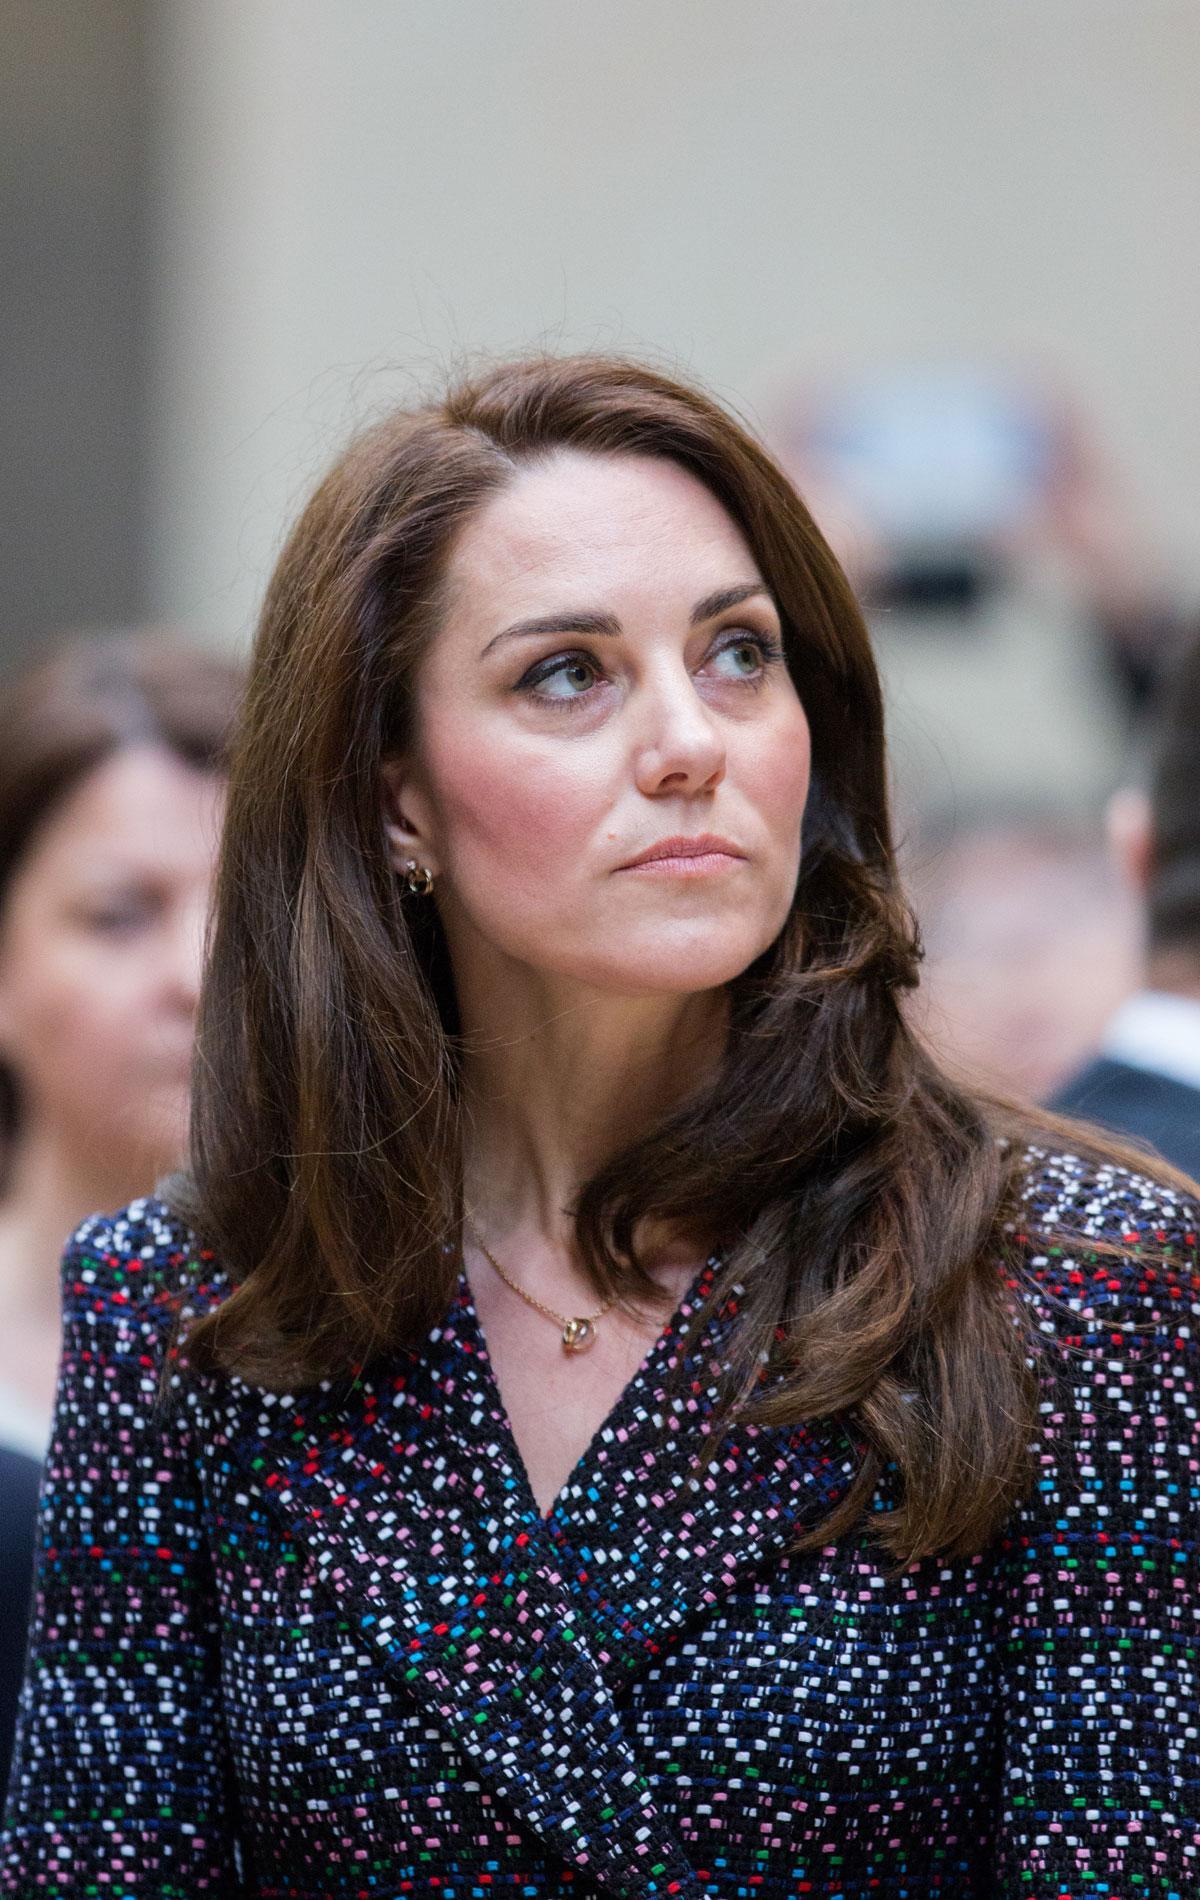 Kate Middleton partage son émotion de mère après l'attentat de Londres